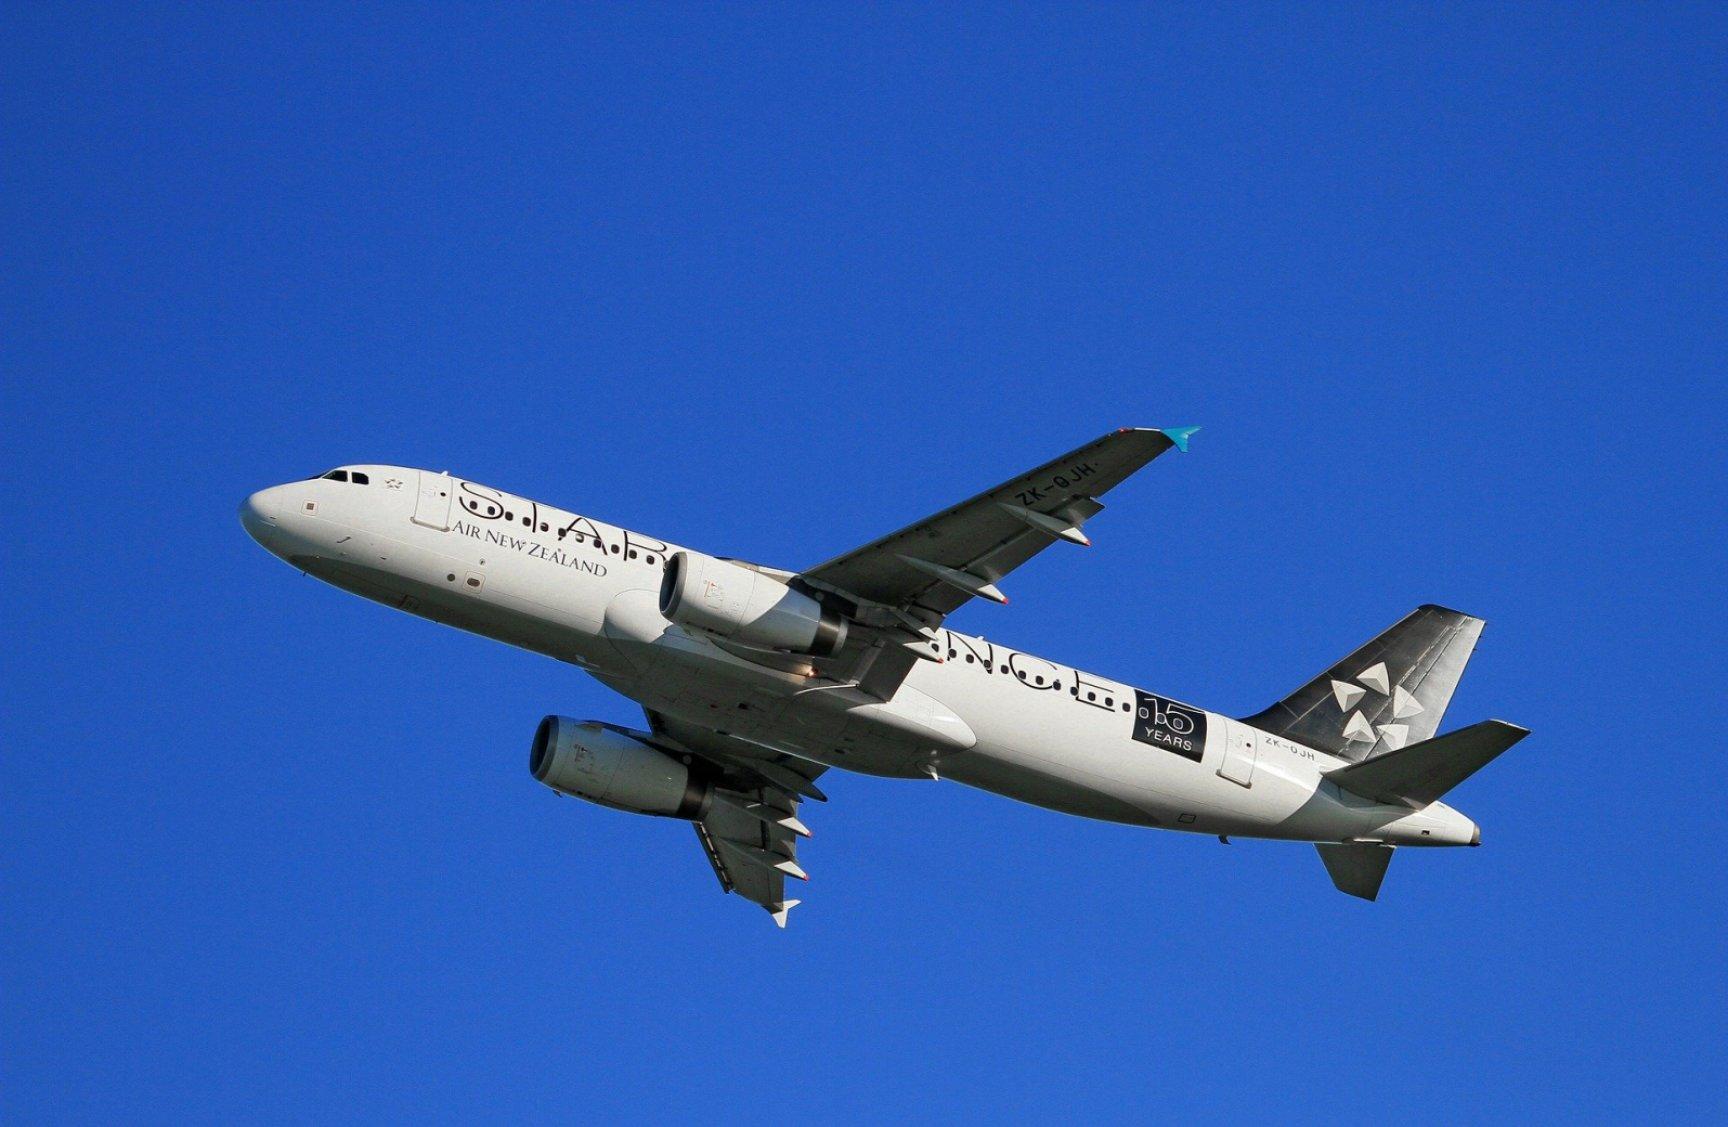 Airbus A320 - Original image